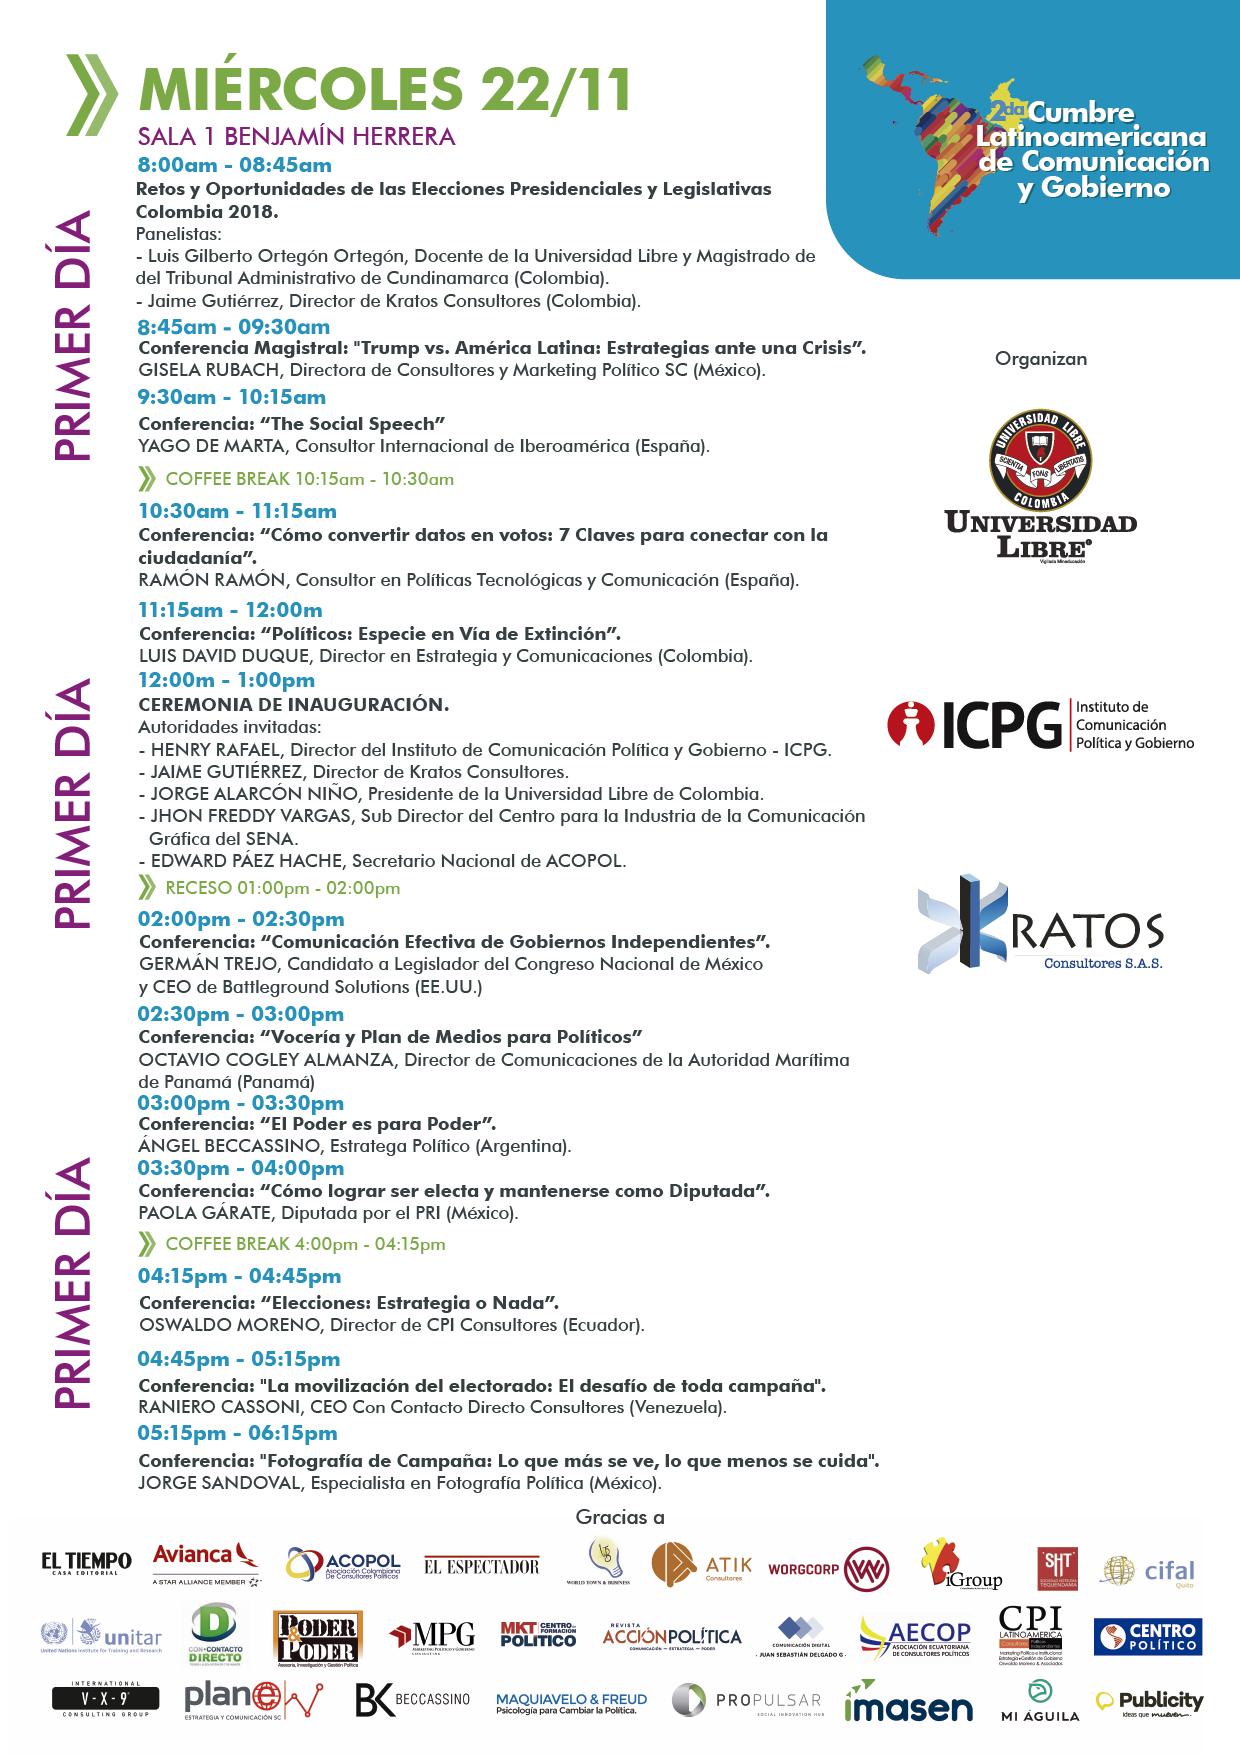 miercoles - Programa Cumbre Comunicacion y Gobierno - Bogotá_Viernes 13 - Pachacamac